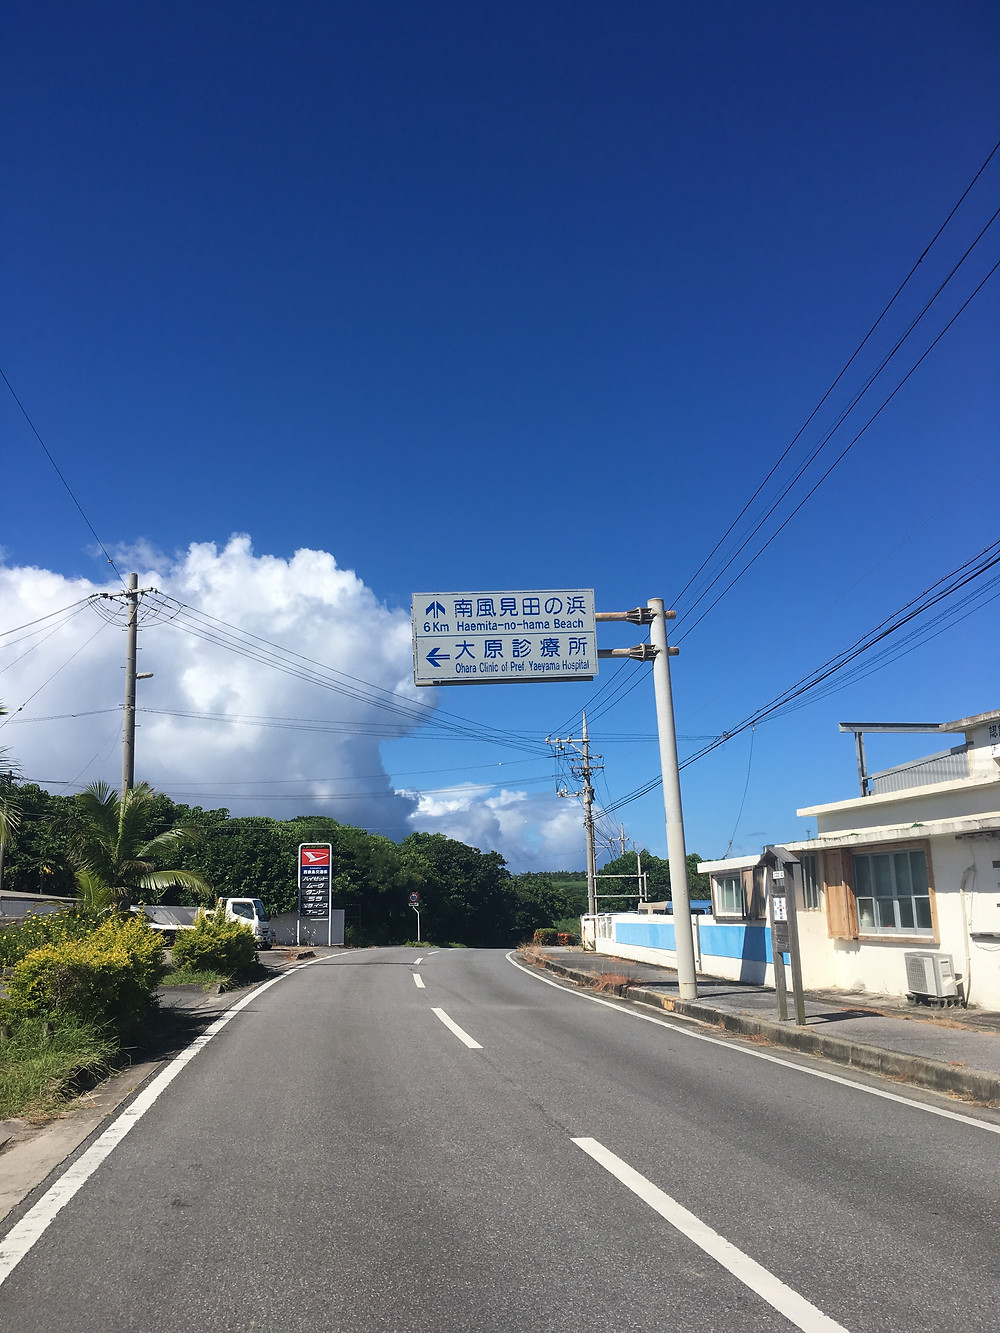 西表島 ビーチ レンタカー 絶景